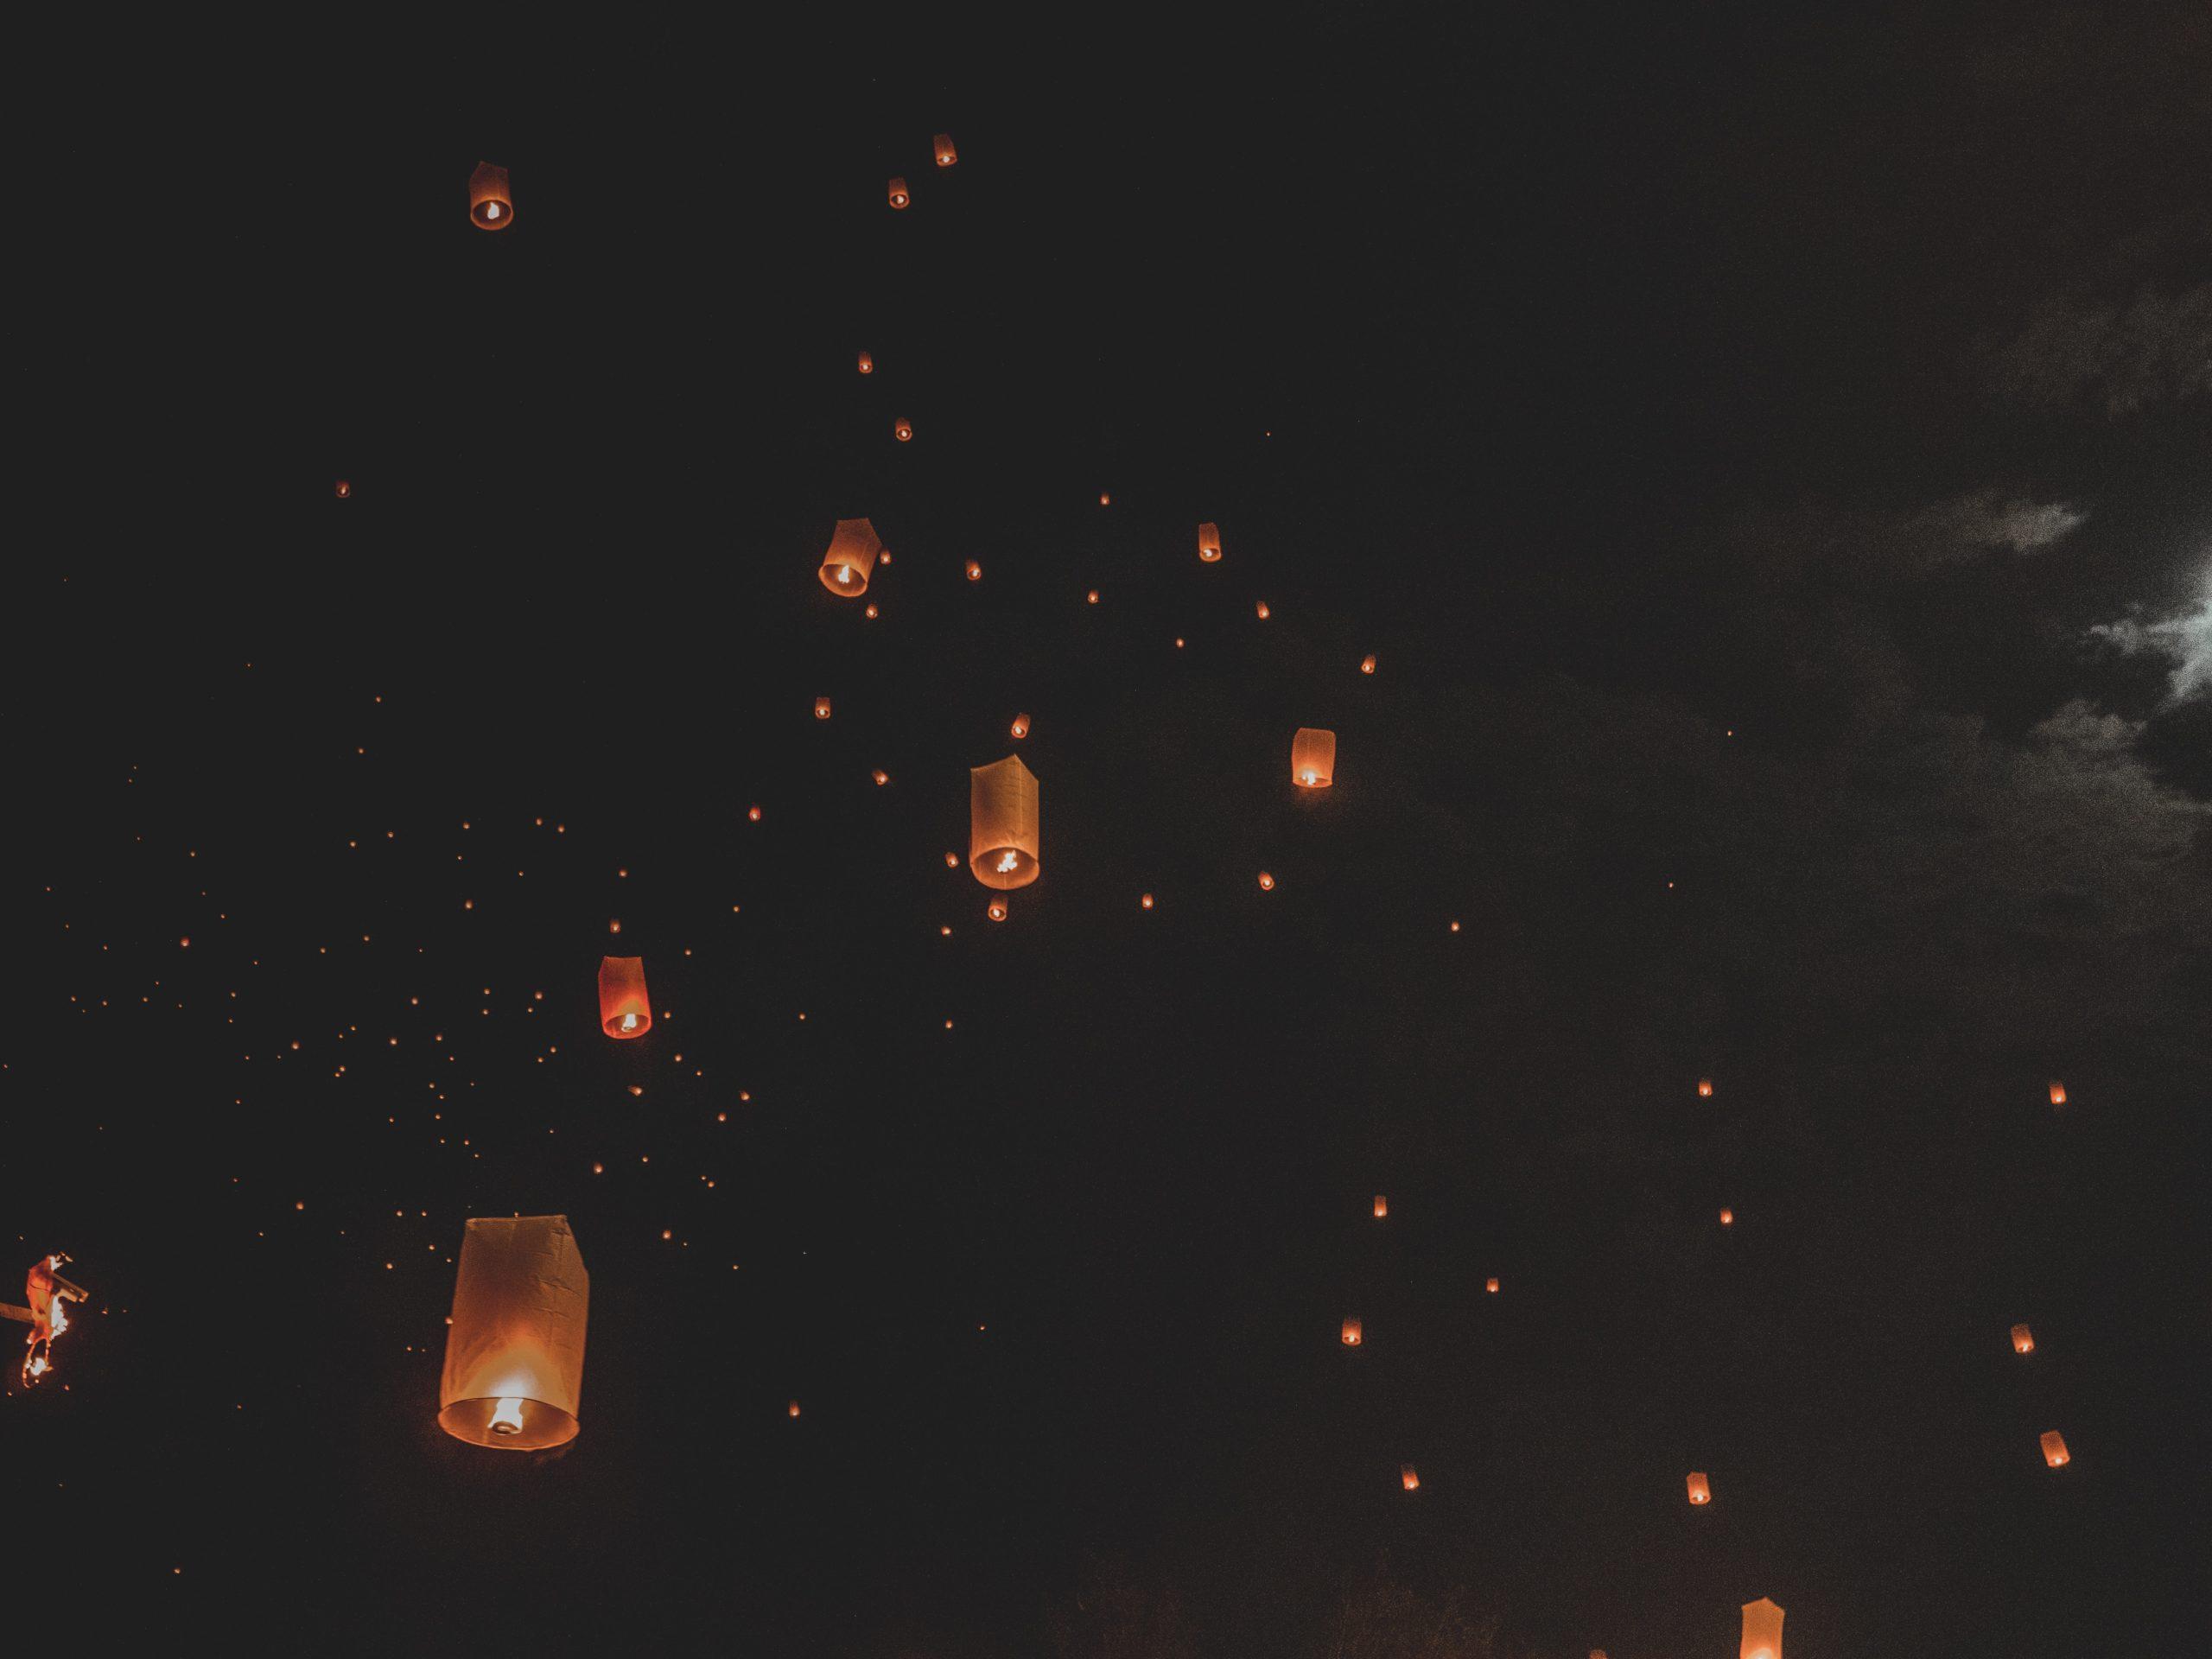 夜空に広がるスカイランタン